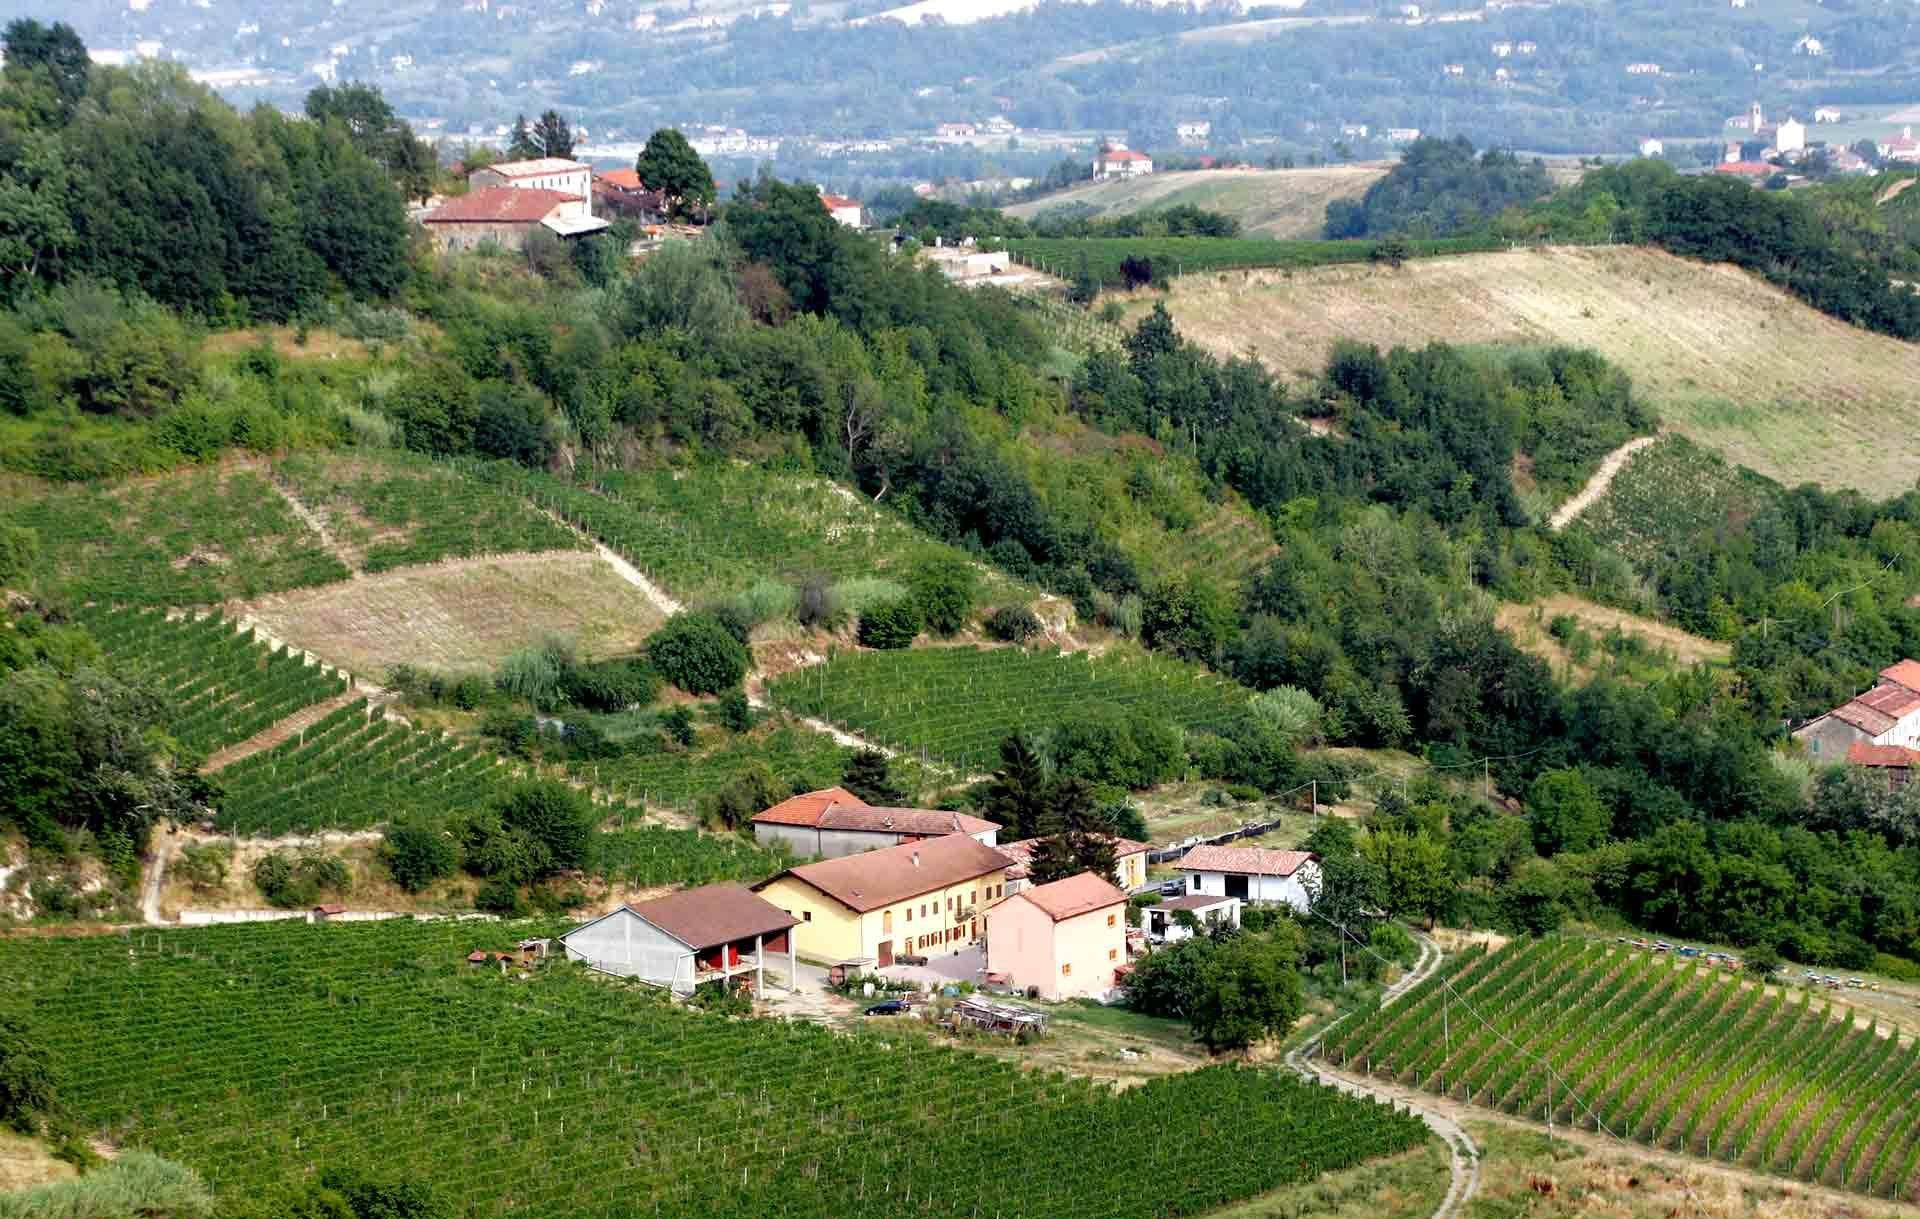 Casa Re in Montabone im Piemont in Italien